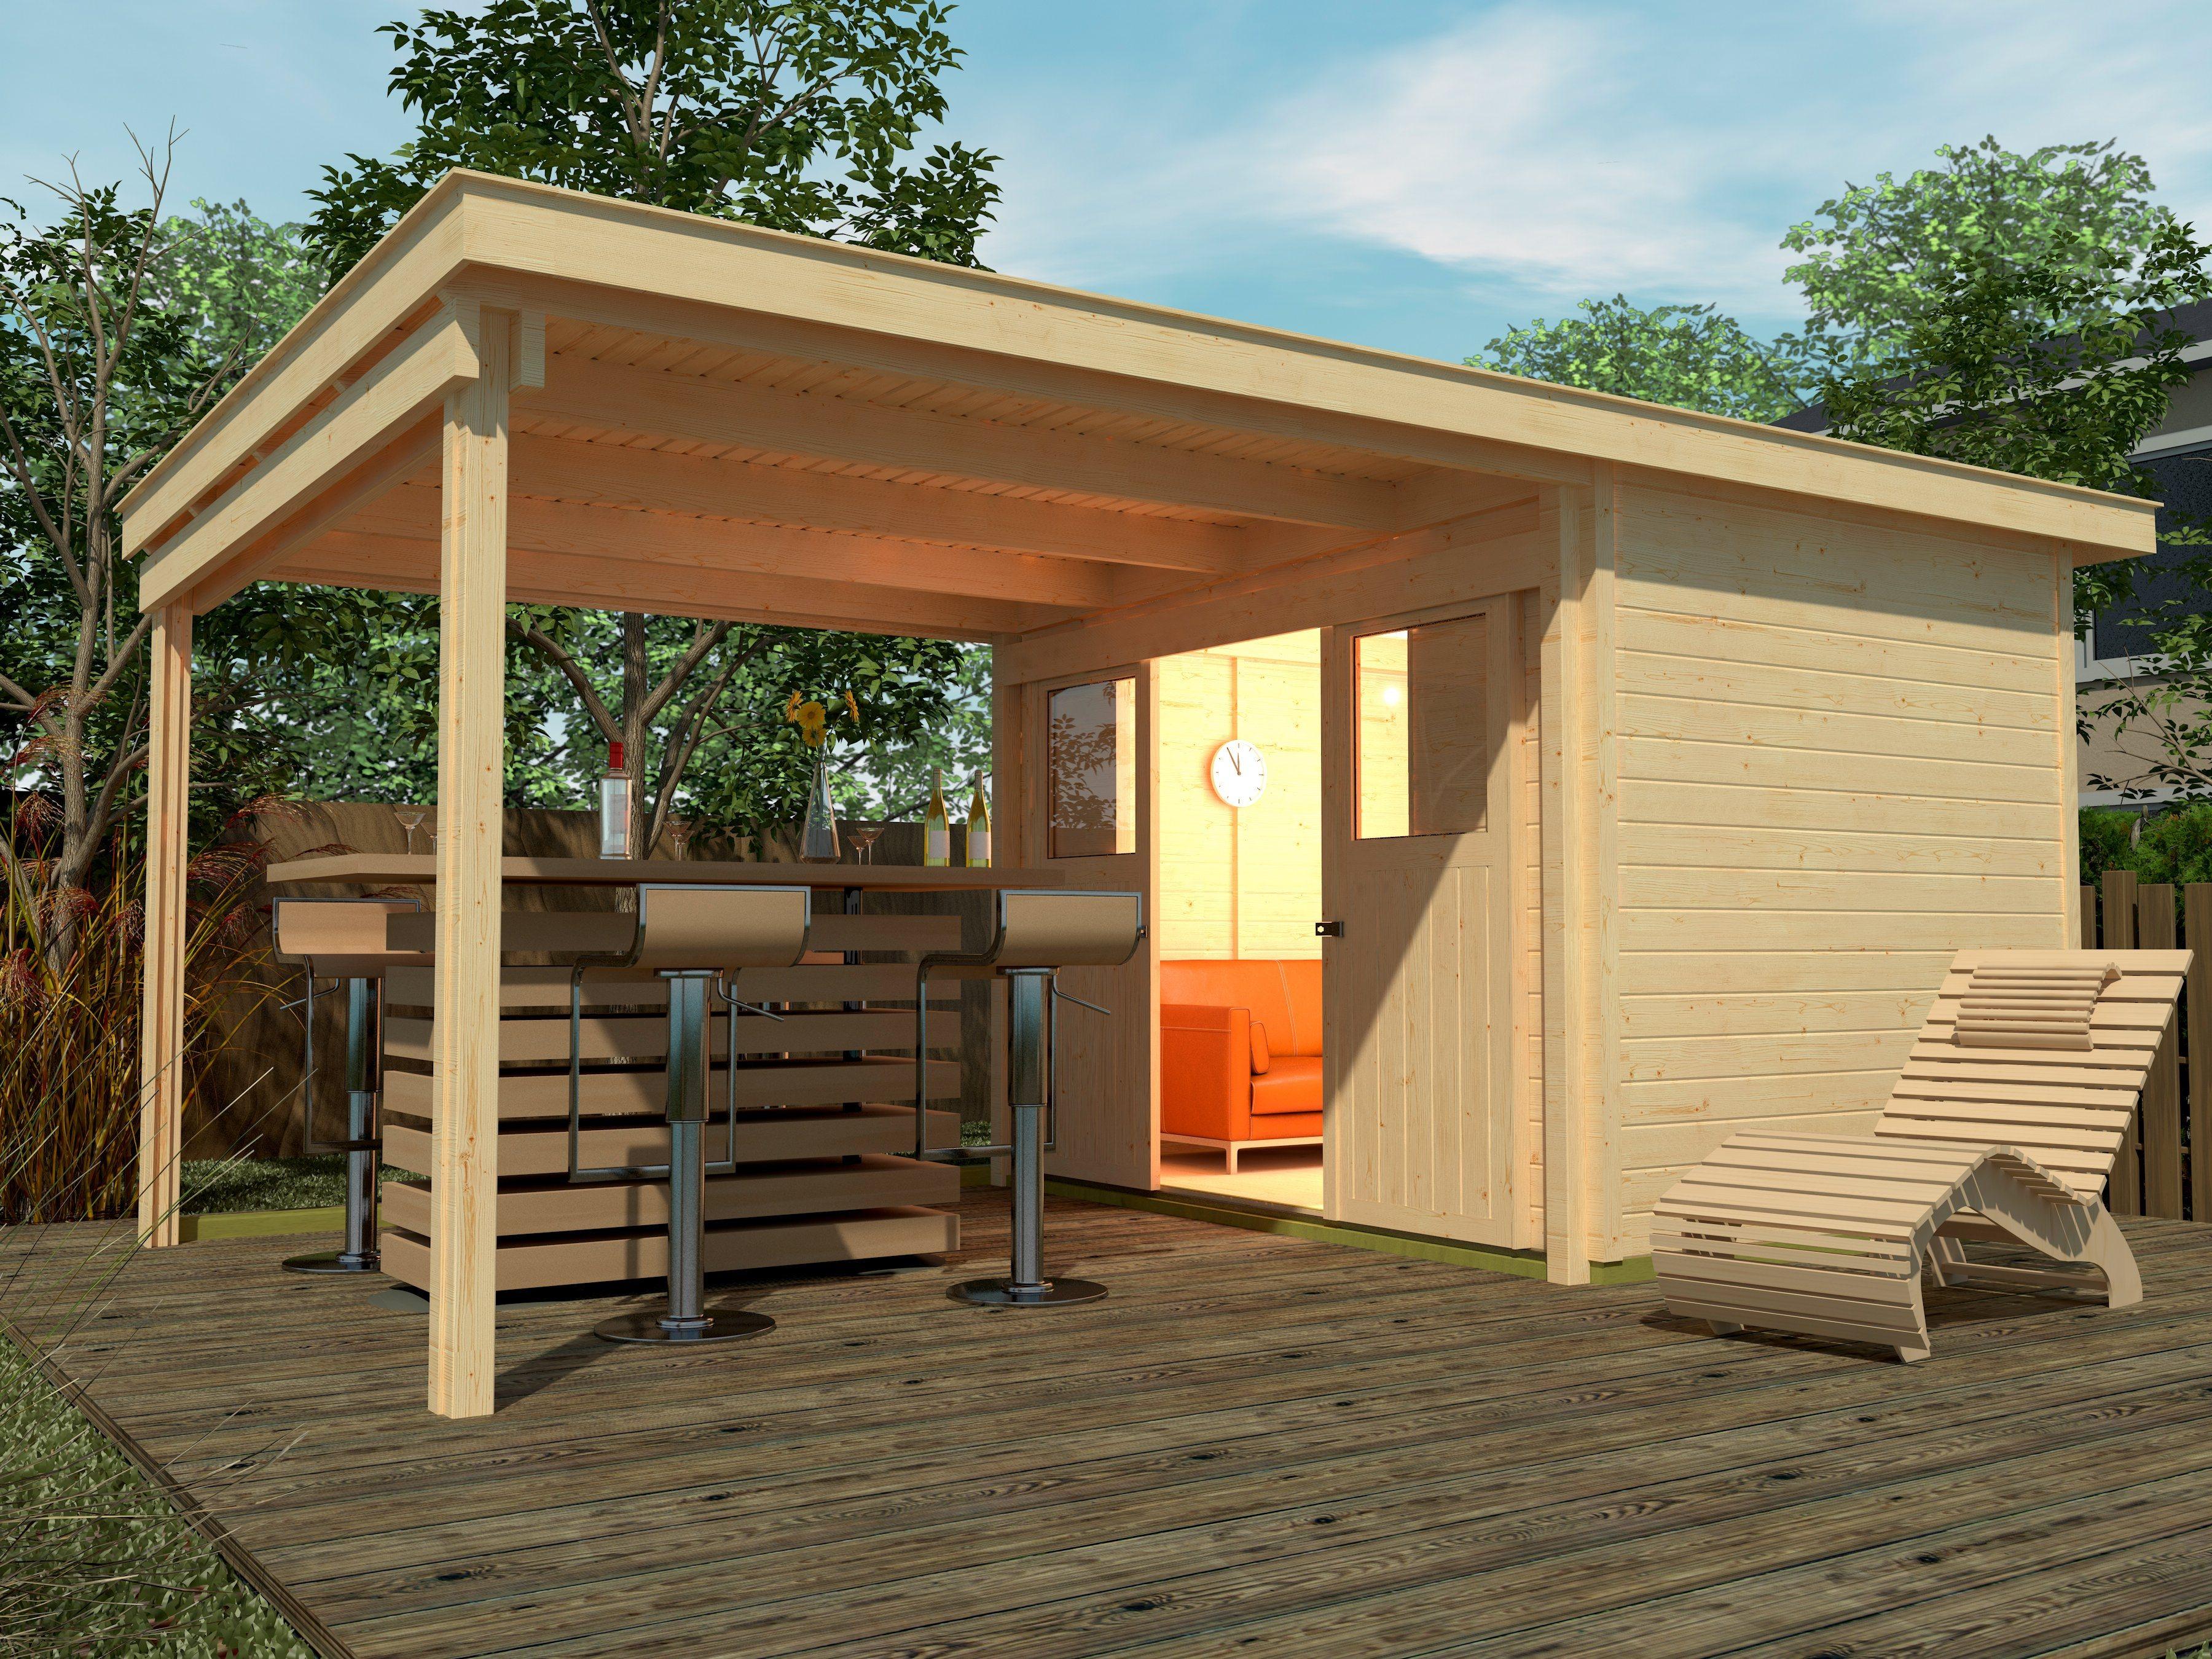 WEKA Gartenhaus »Loungehaus Gr. 1«, Gesamtmaß (BxT): 529x336 cm, Inkl. Anbau + Fußboden | Garten > Gartenhäuser | weka